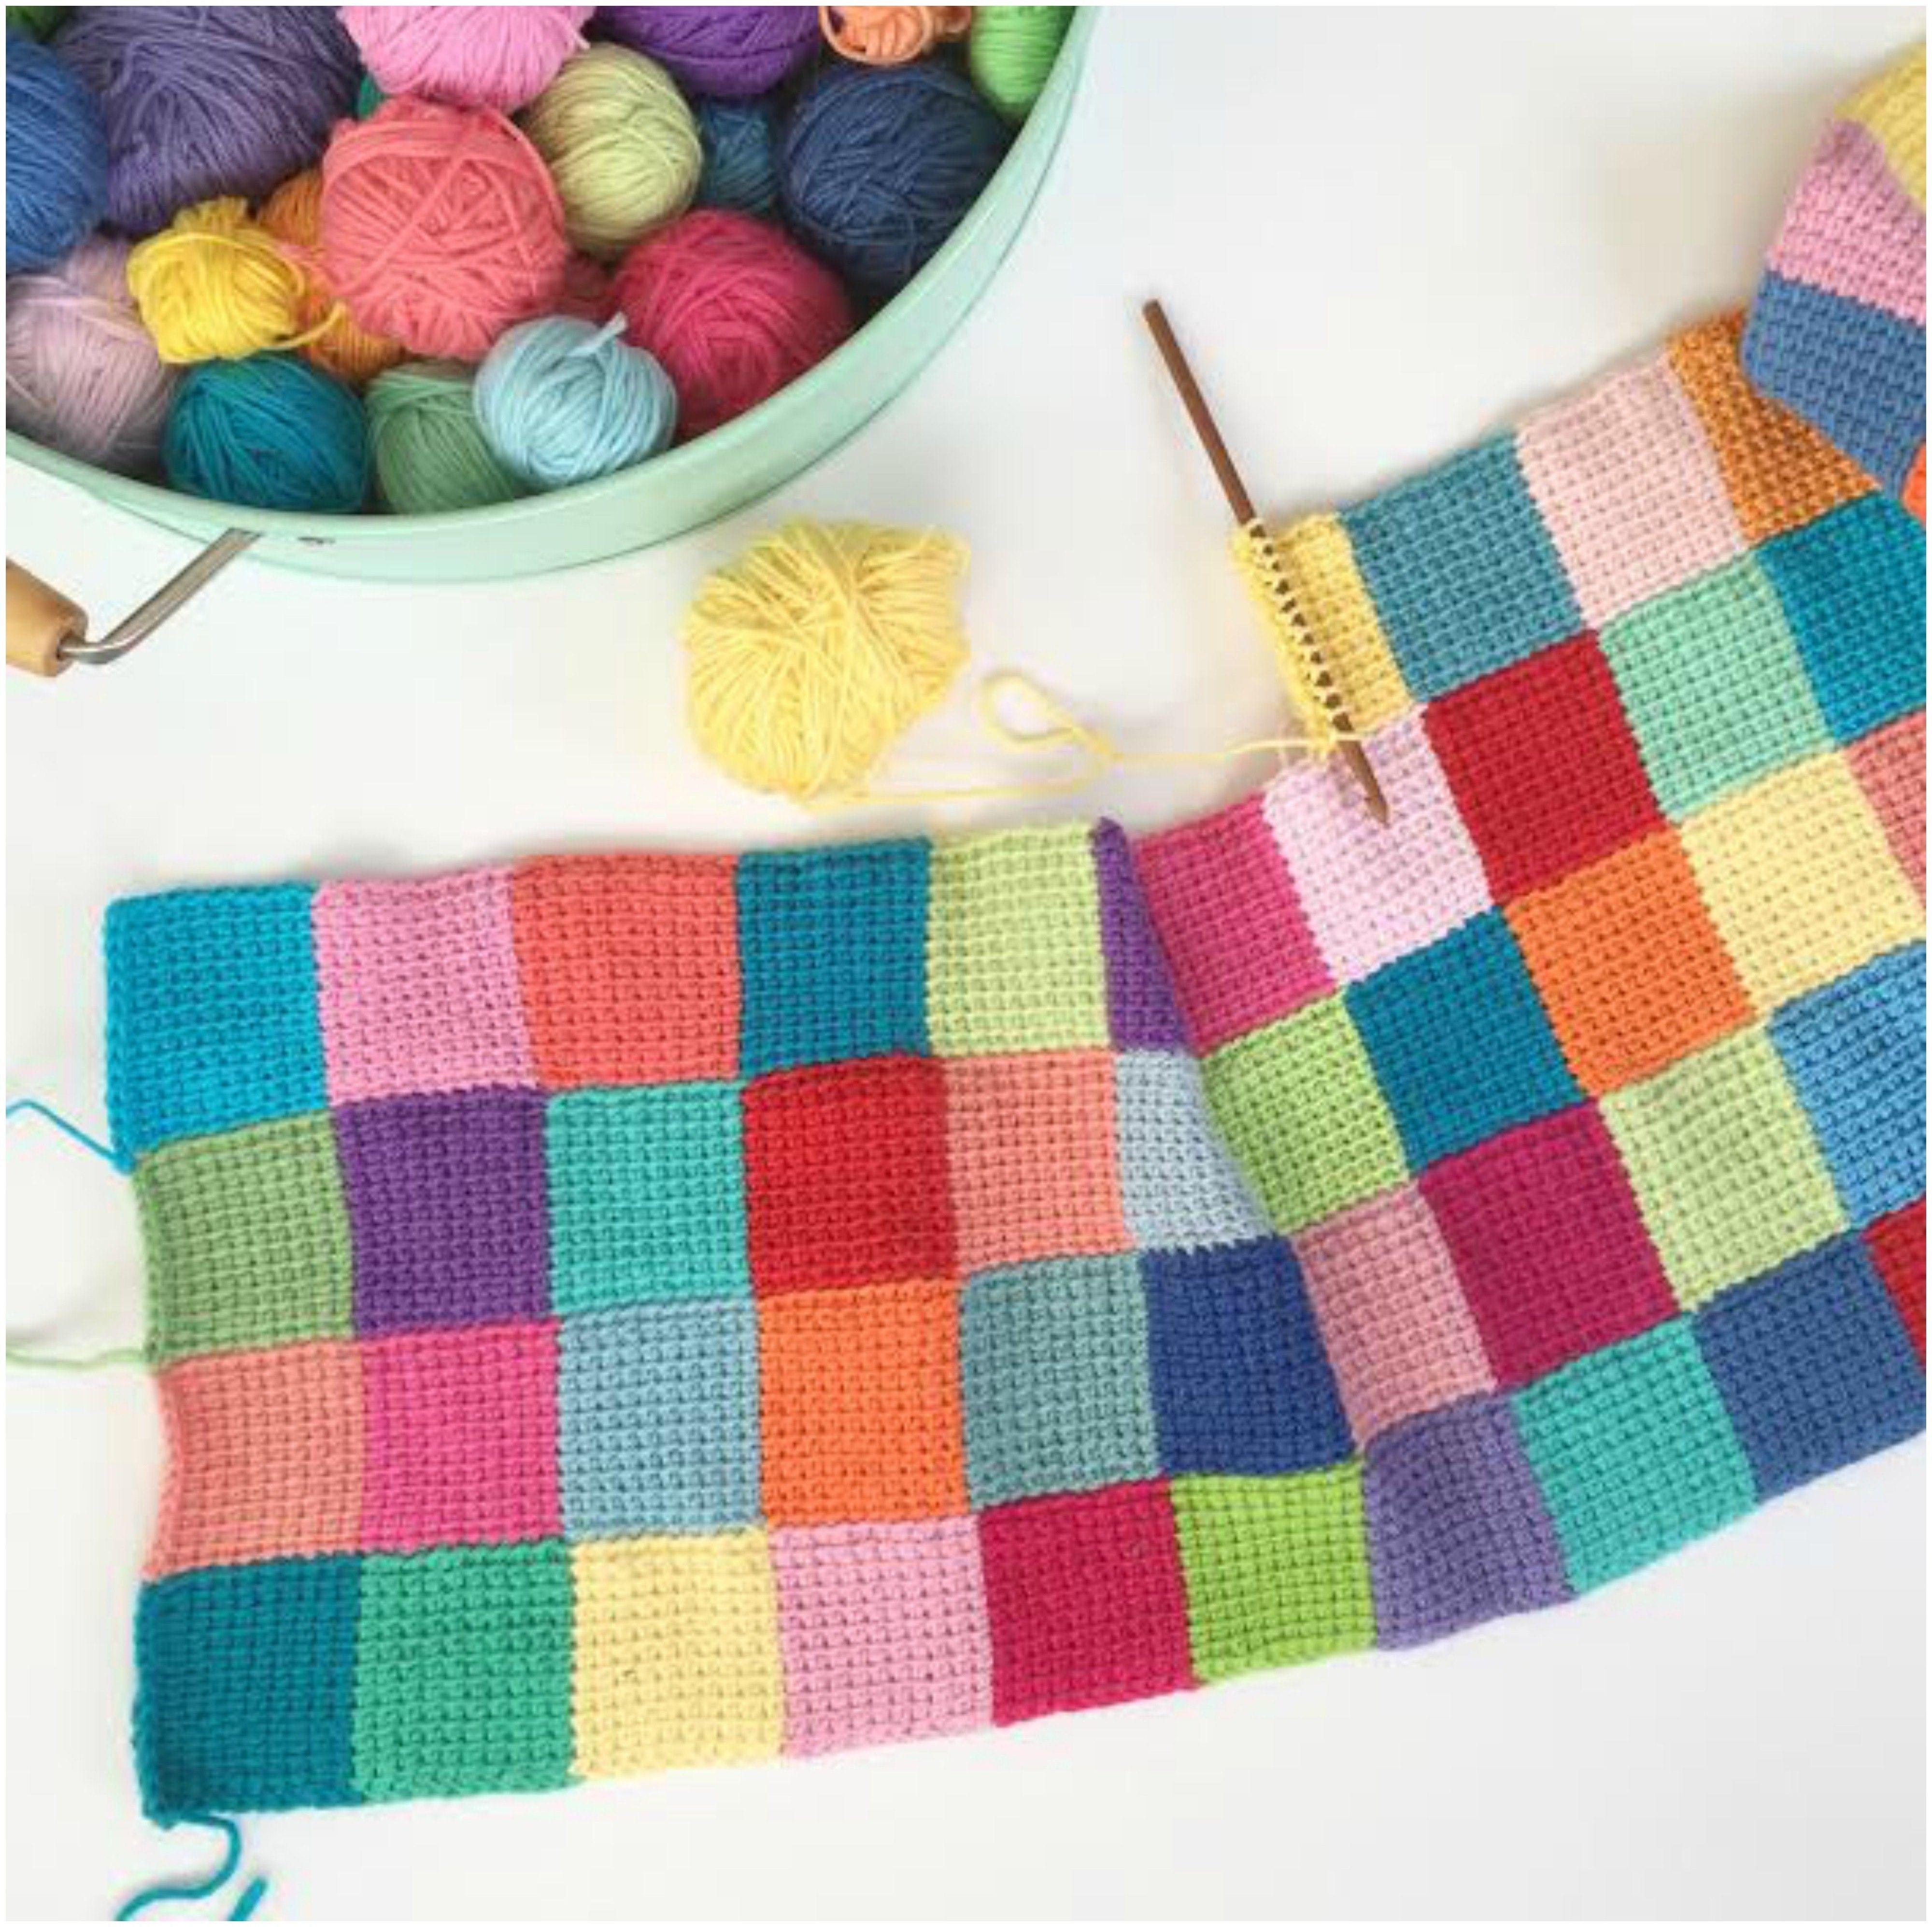 Entrelac Blanket Free Crochet Pattern | Projekt | Pinterest ...